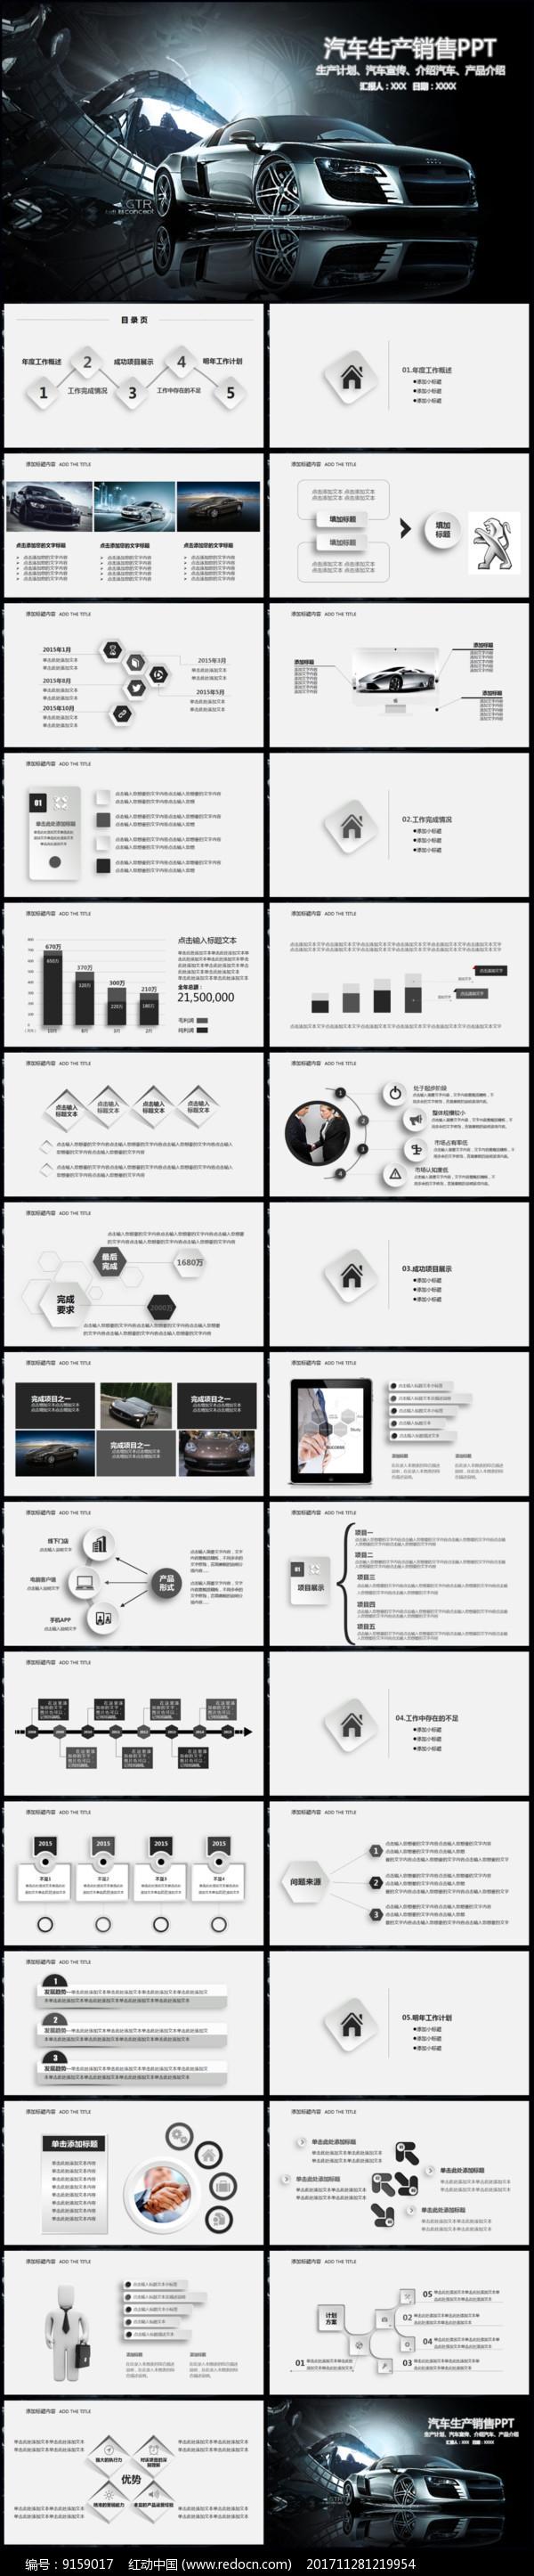 汽车行业PPT图片